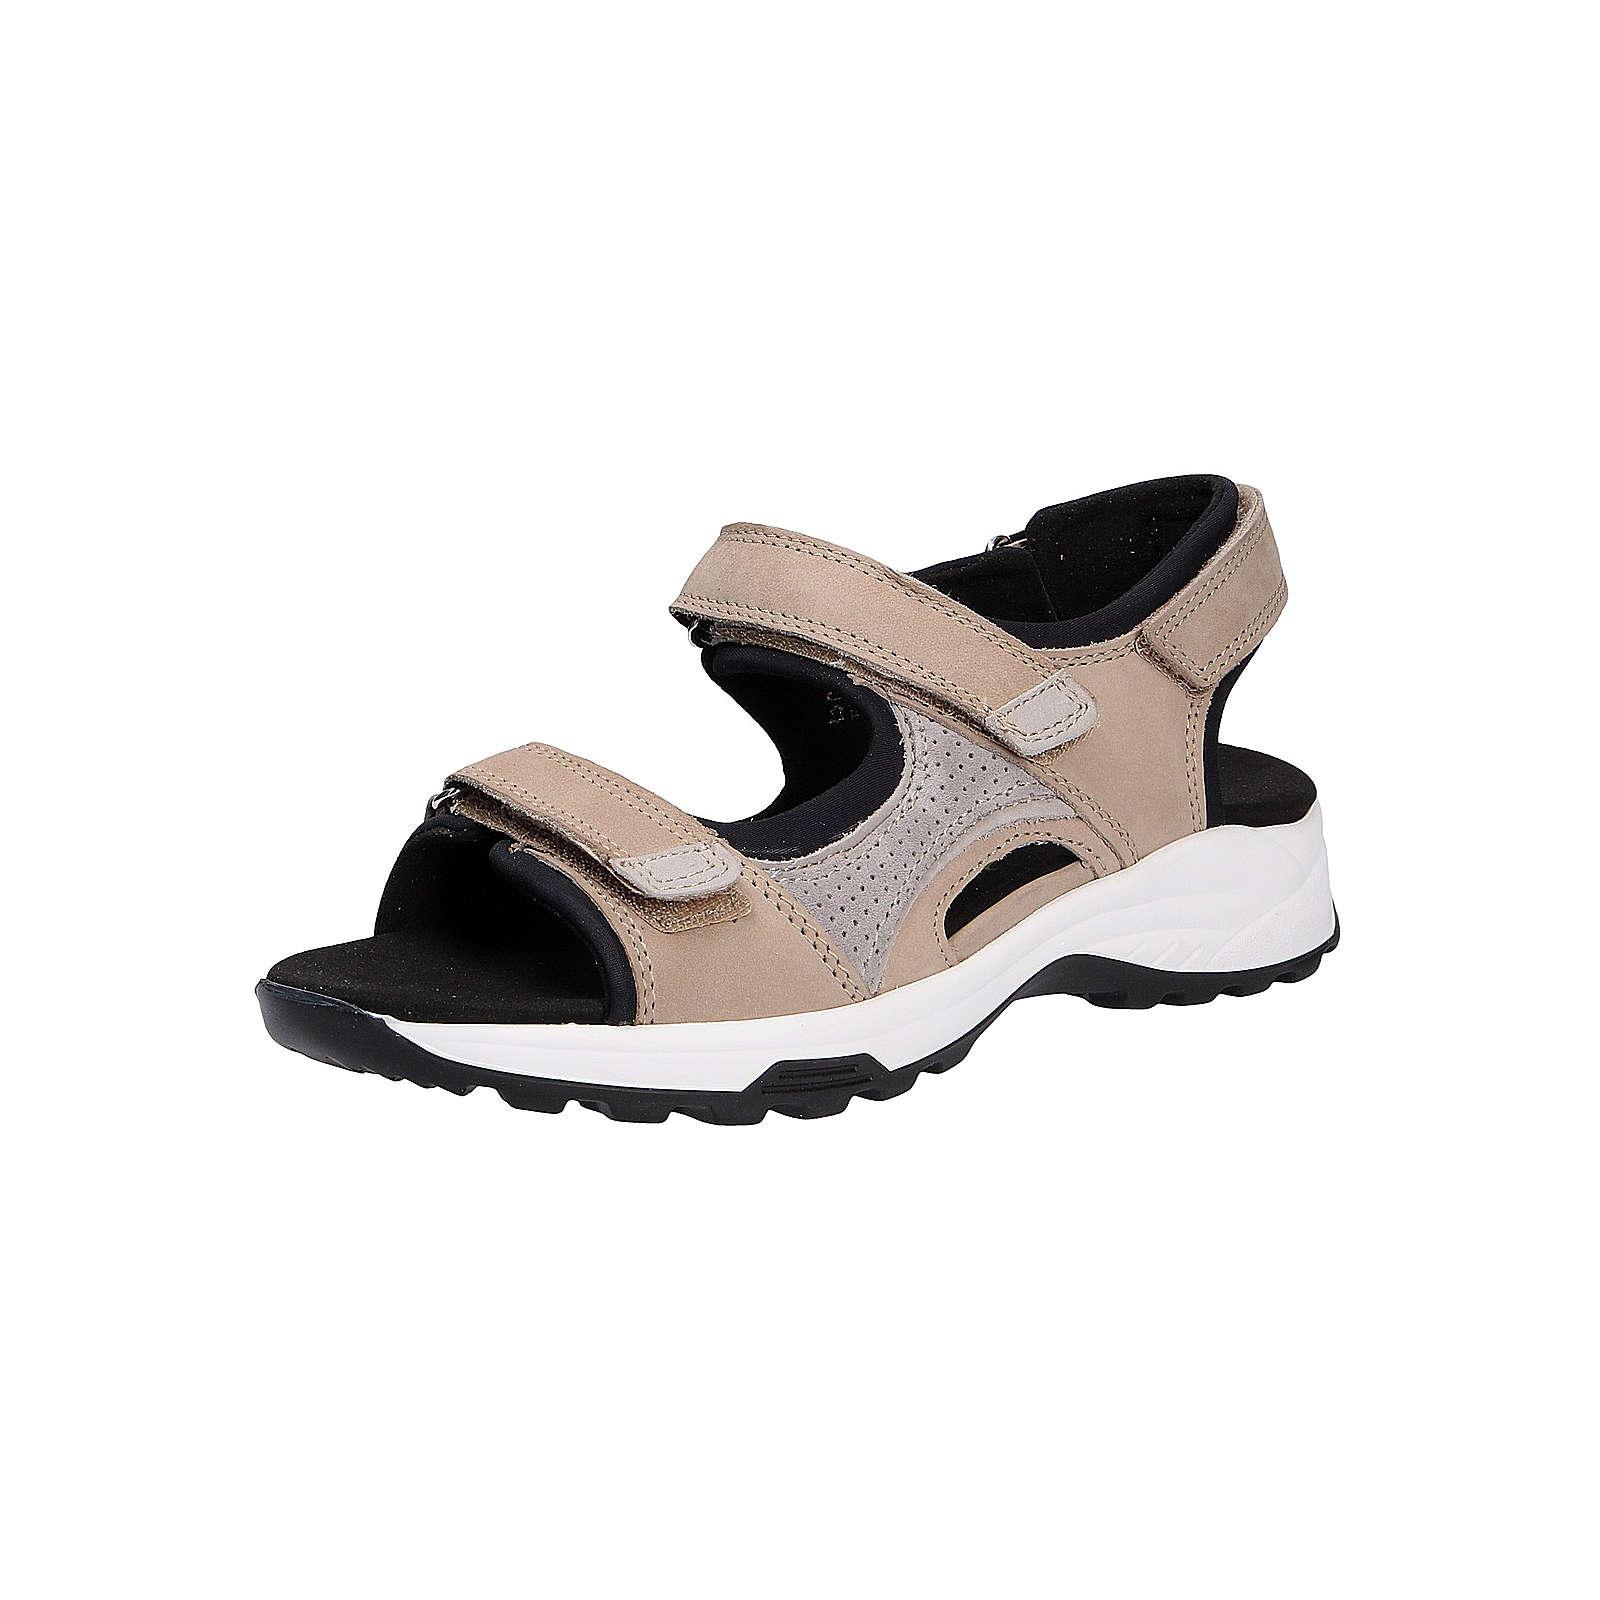 WALDLÄUFER Damen Sandale Komfort-Sandalen beige Damen Gr. 38,5